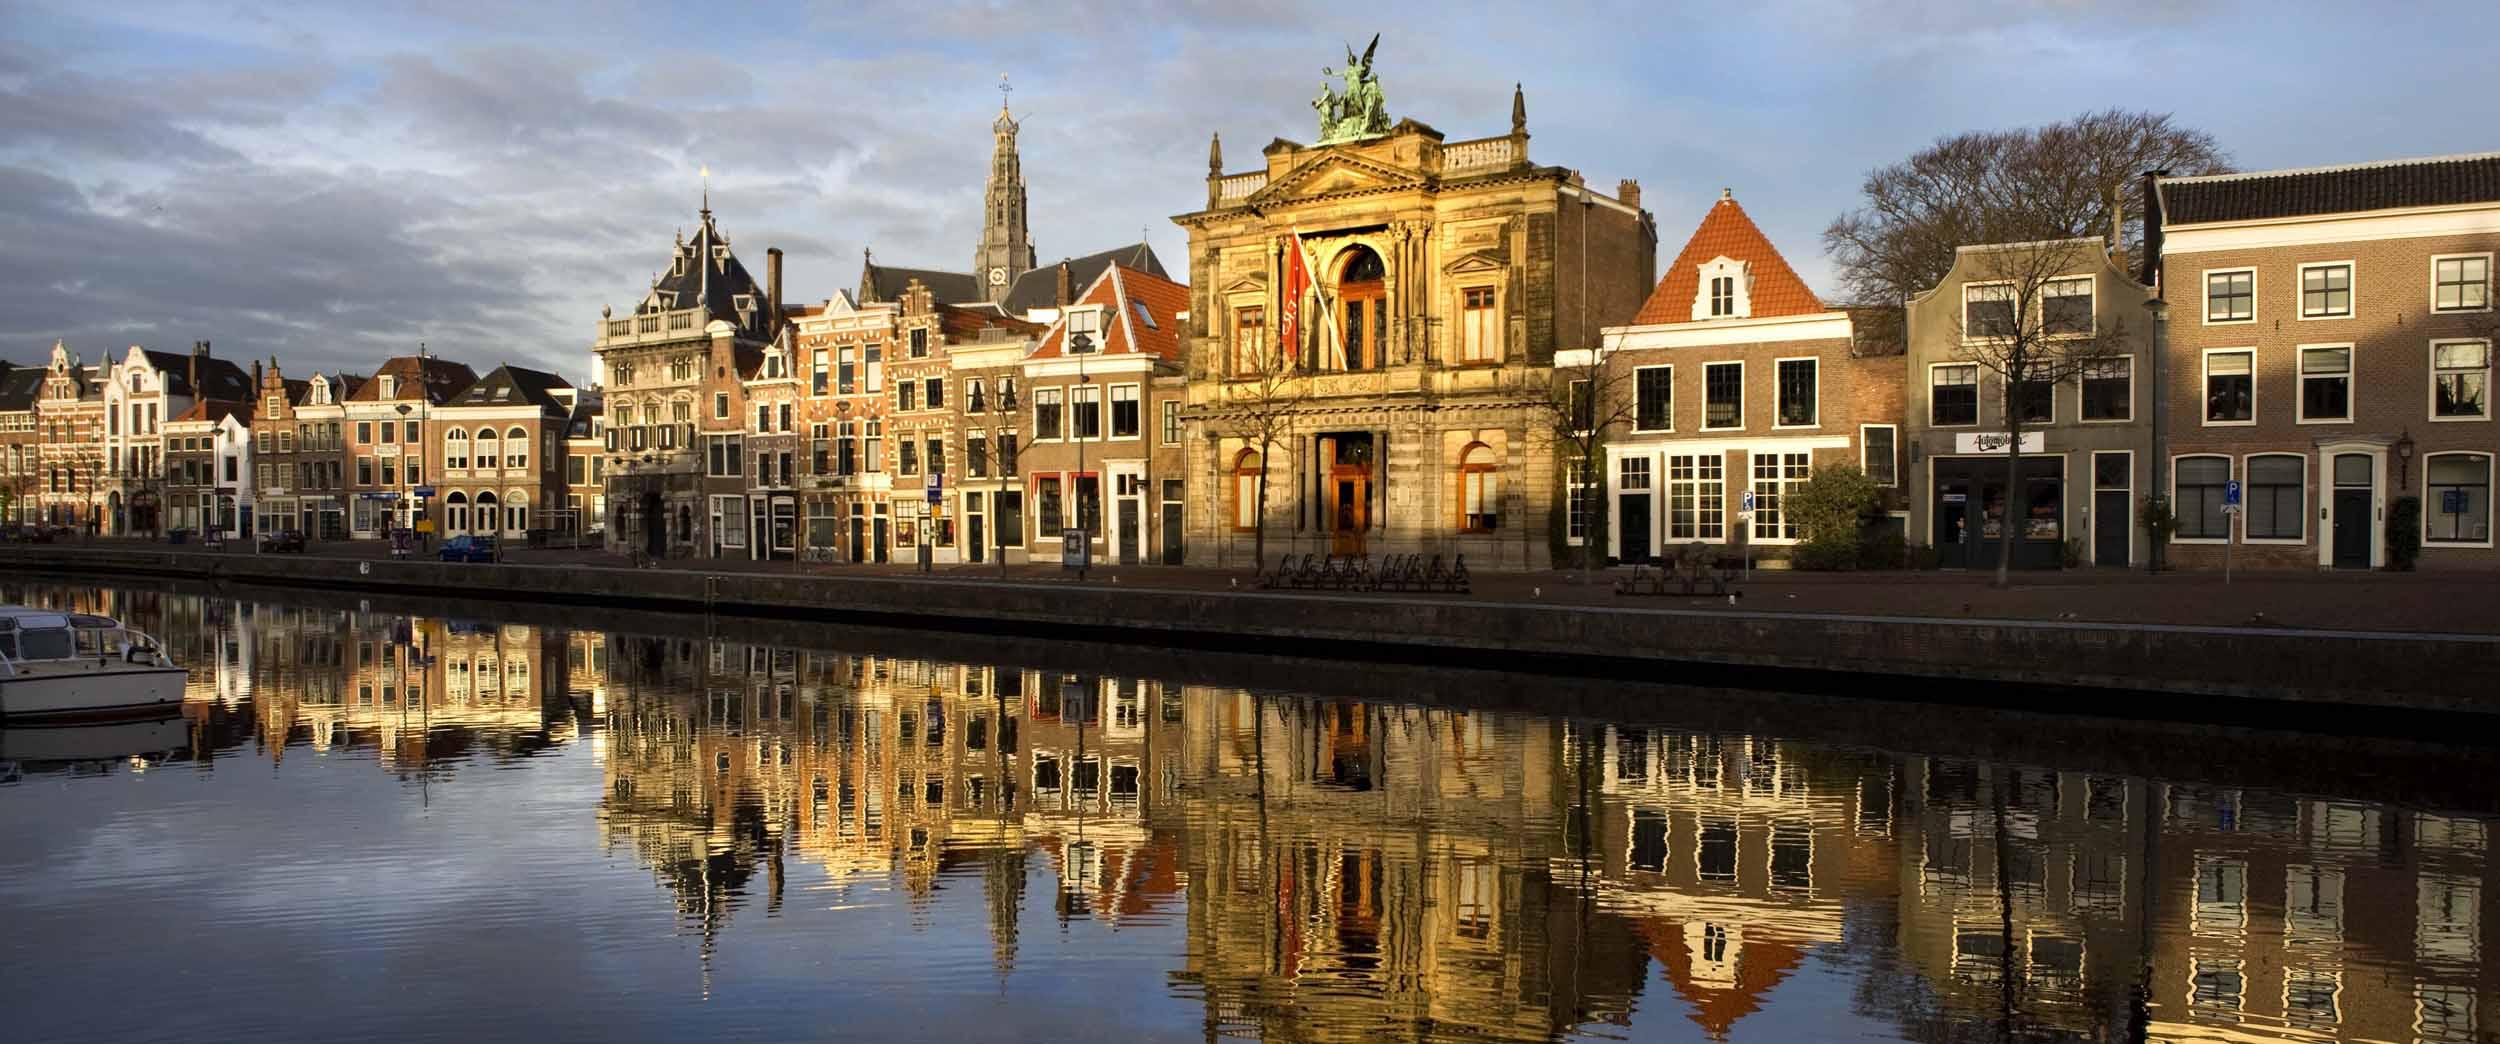 جاهای دیدنی هلند ، ناگفتههایی از سرزمین گل و شکلات